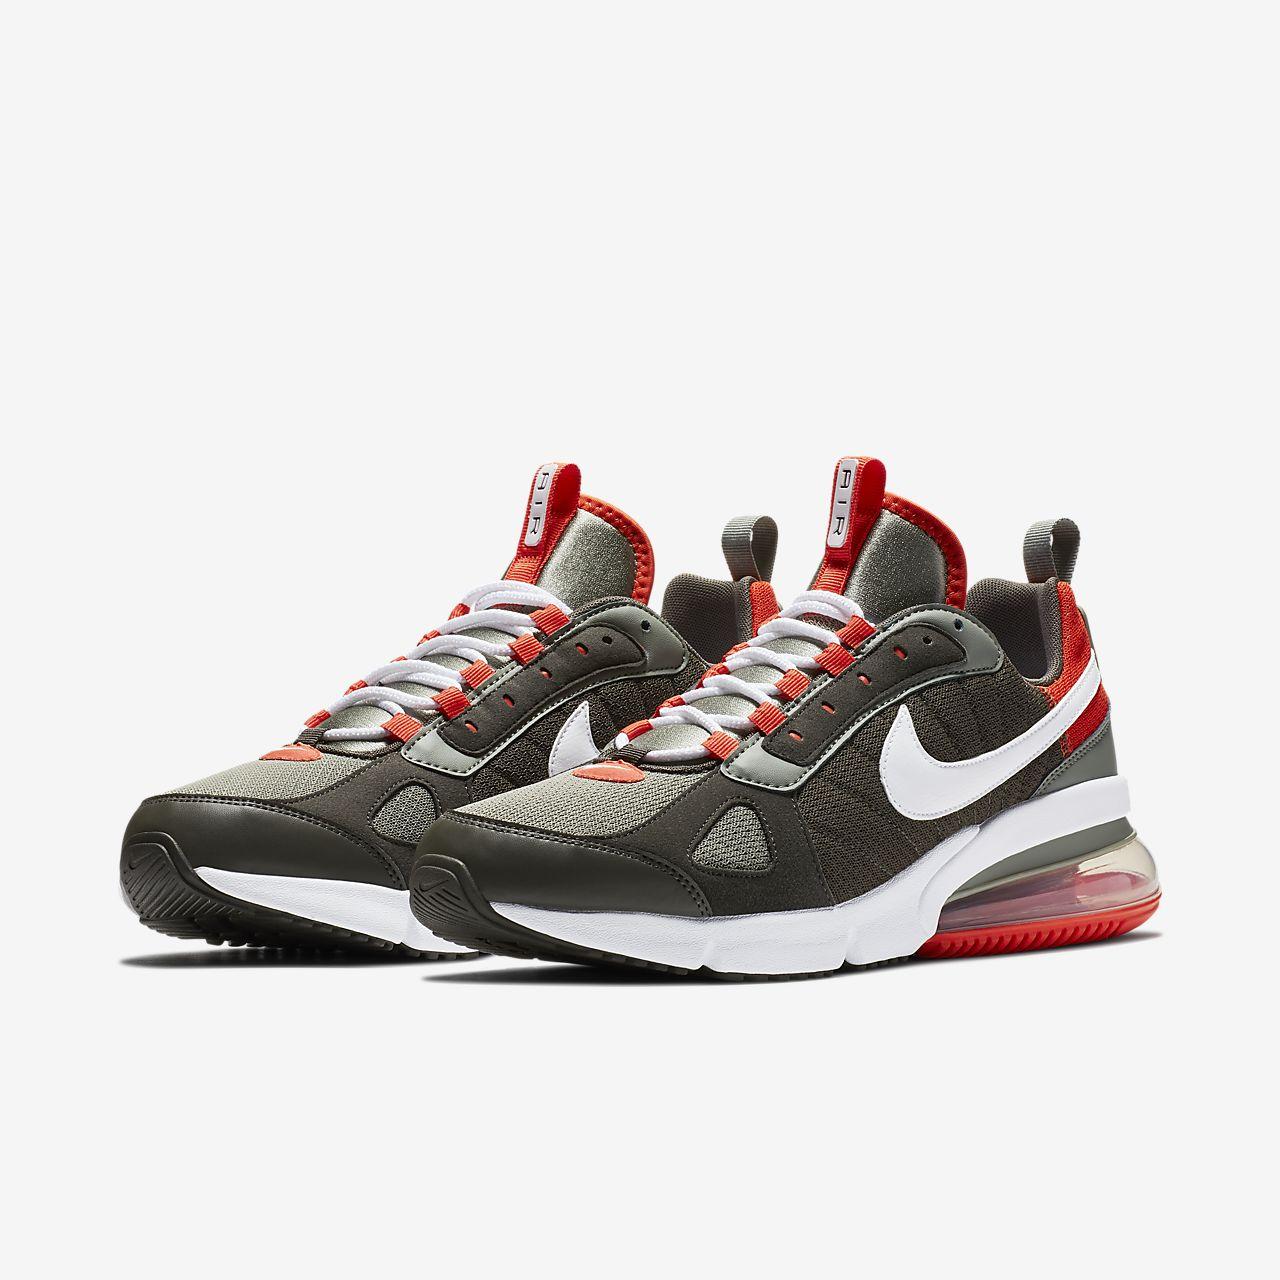 Max Air Nike Homme Futura 270 Ch Chaussure Pour nFZPHSx